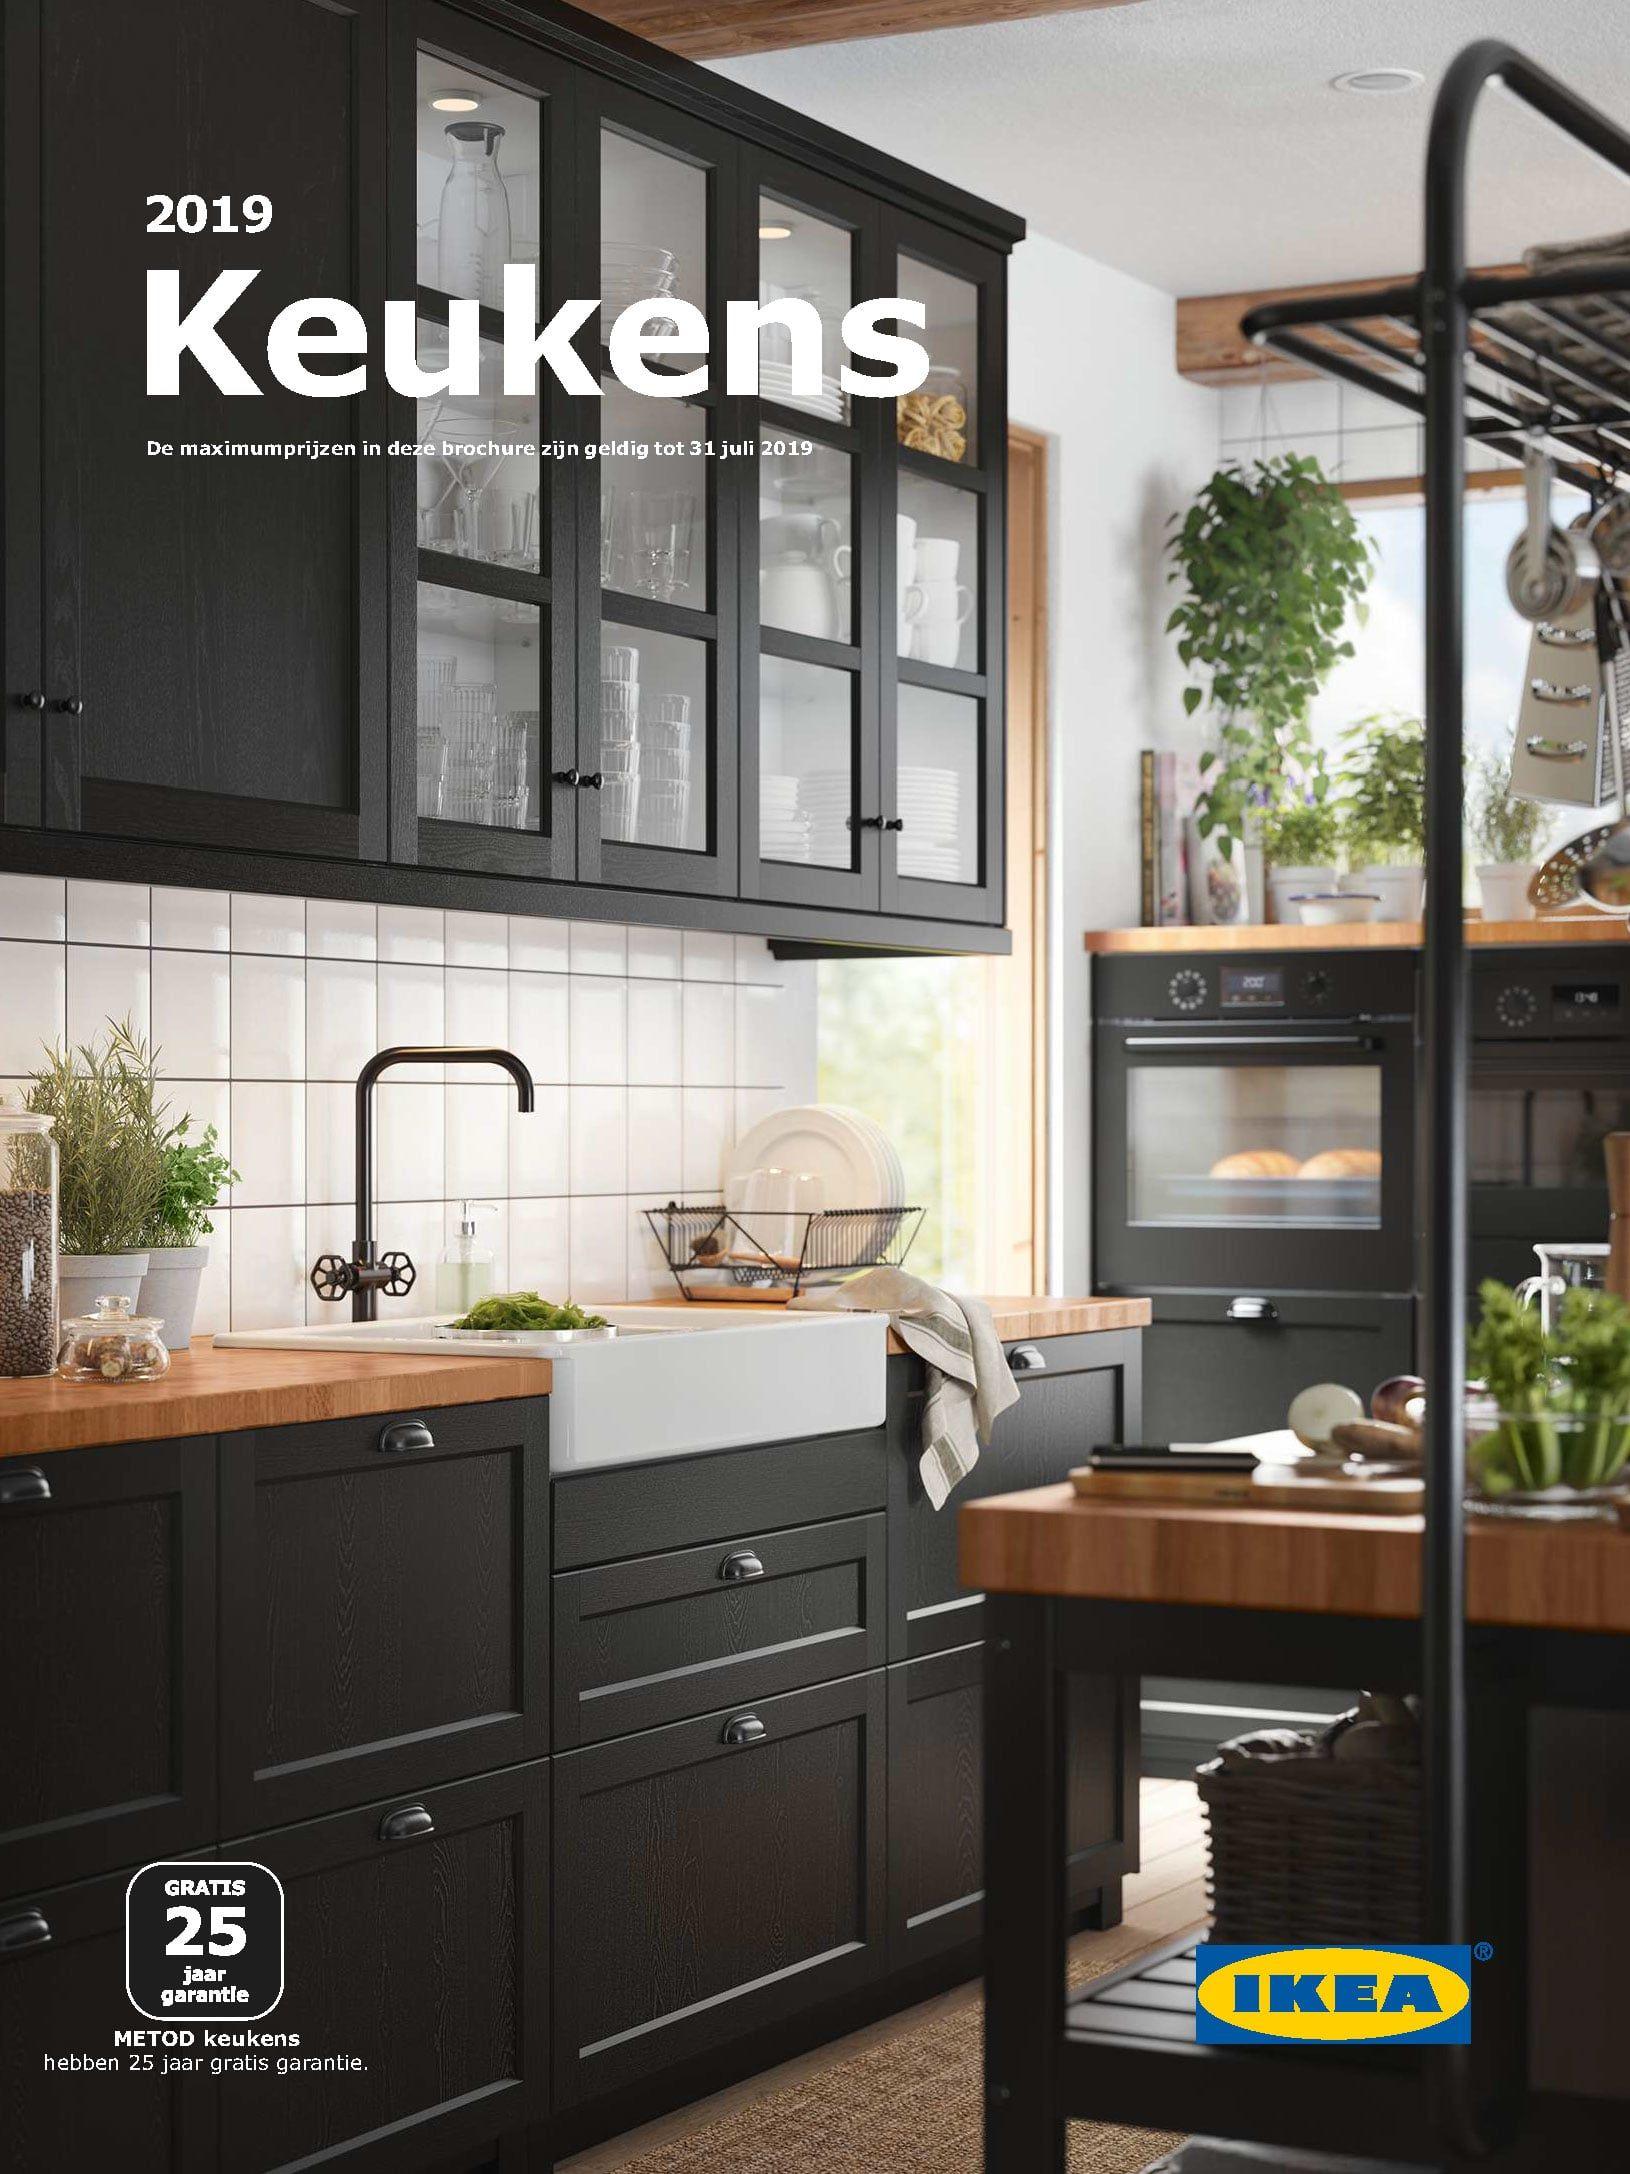 De Nieuwe Ikea Catalogus Is Beschikbaar In Belgie Keuken Inspiratie Keuken Ontwerp Keuken Idee